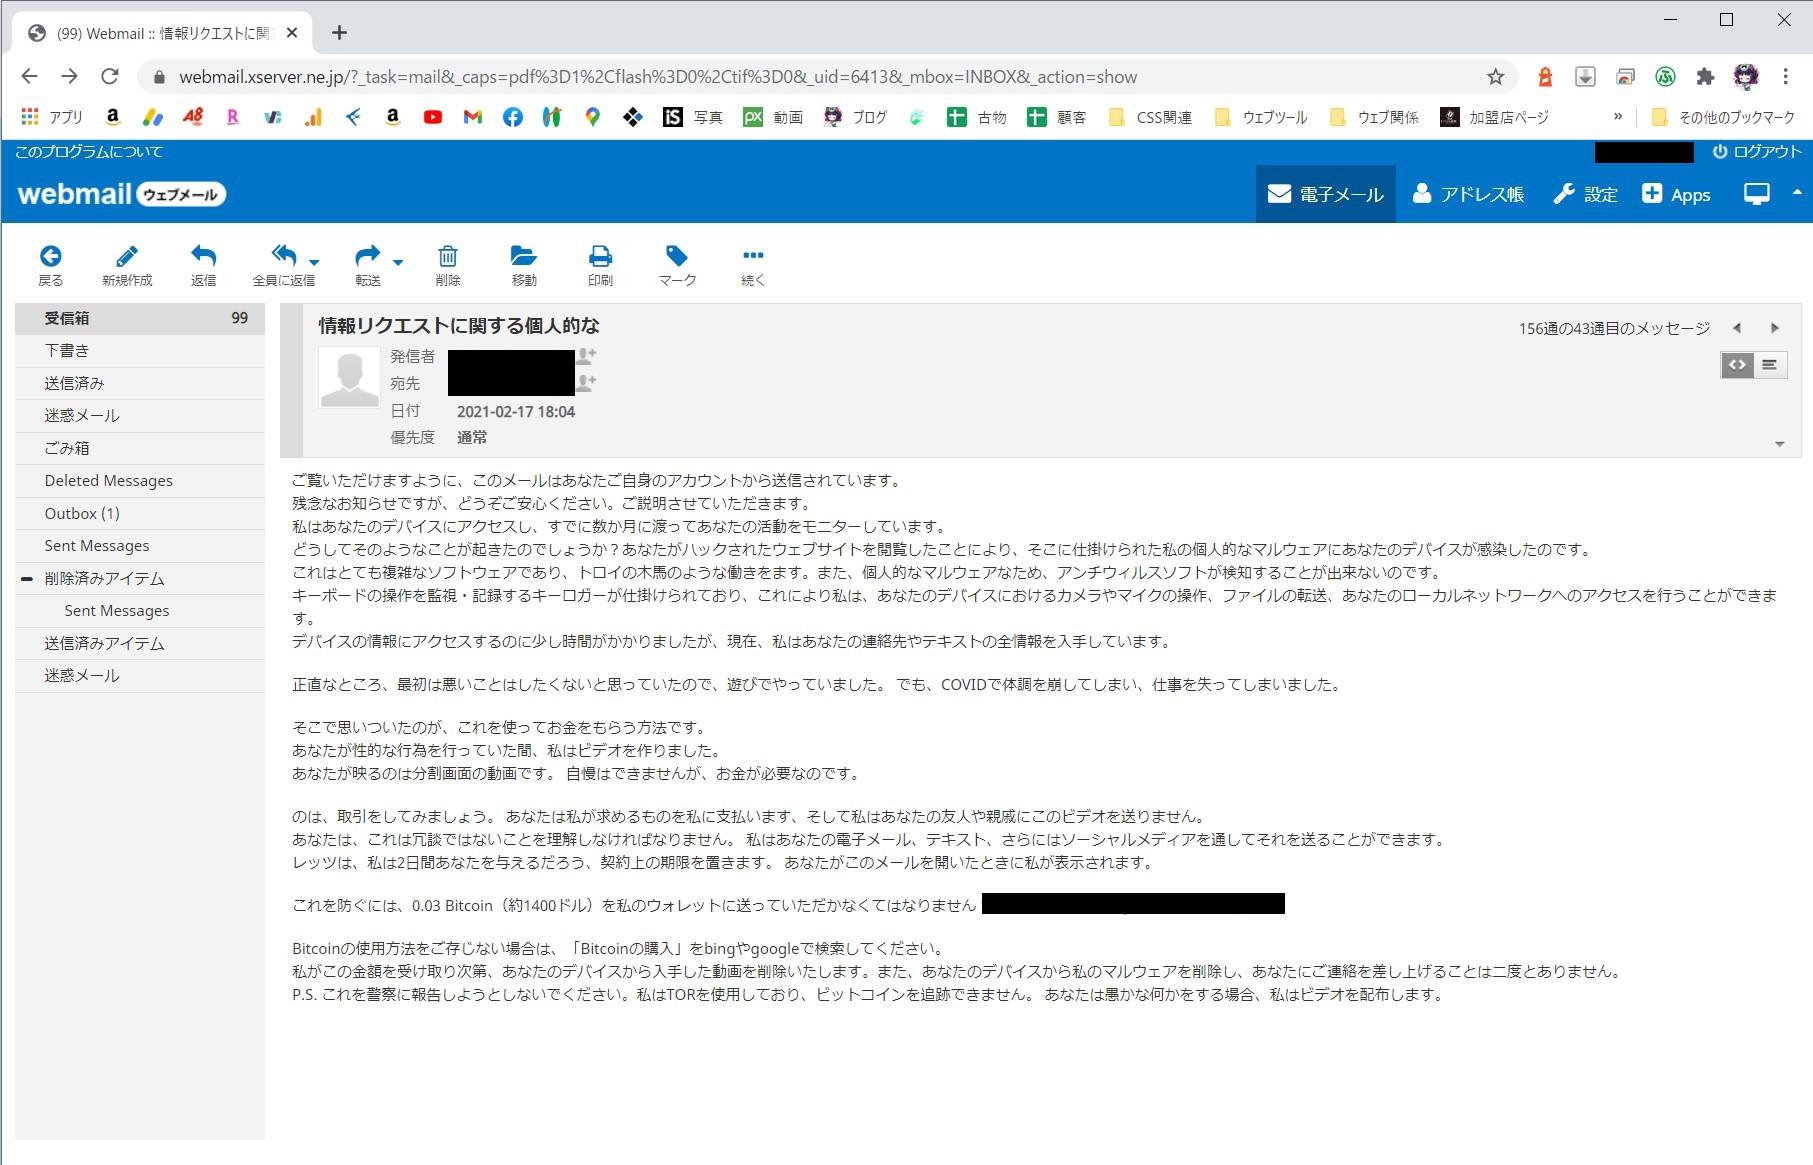 【詐欺】「情報リクエストに関する個人的な」という不審なメールが届いたときの対応方法【ご覧いただけますように・・・】